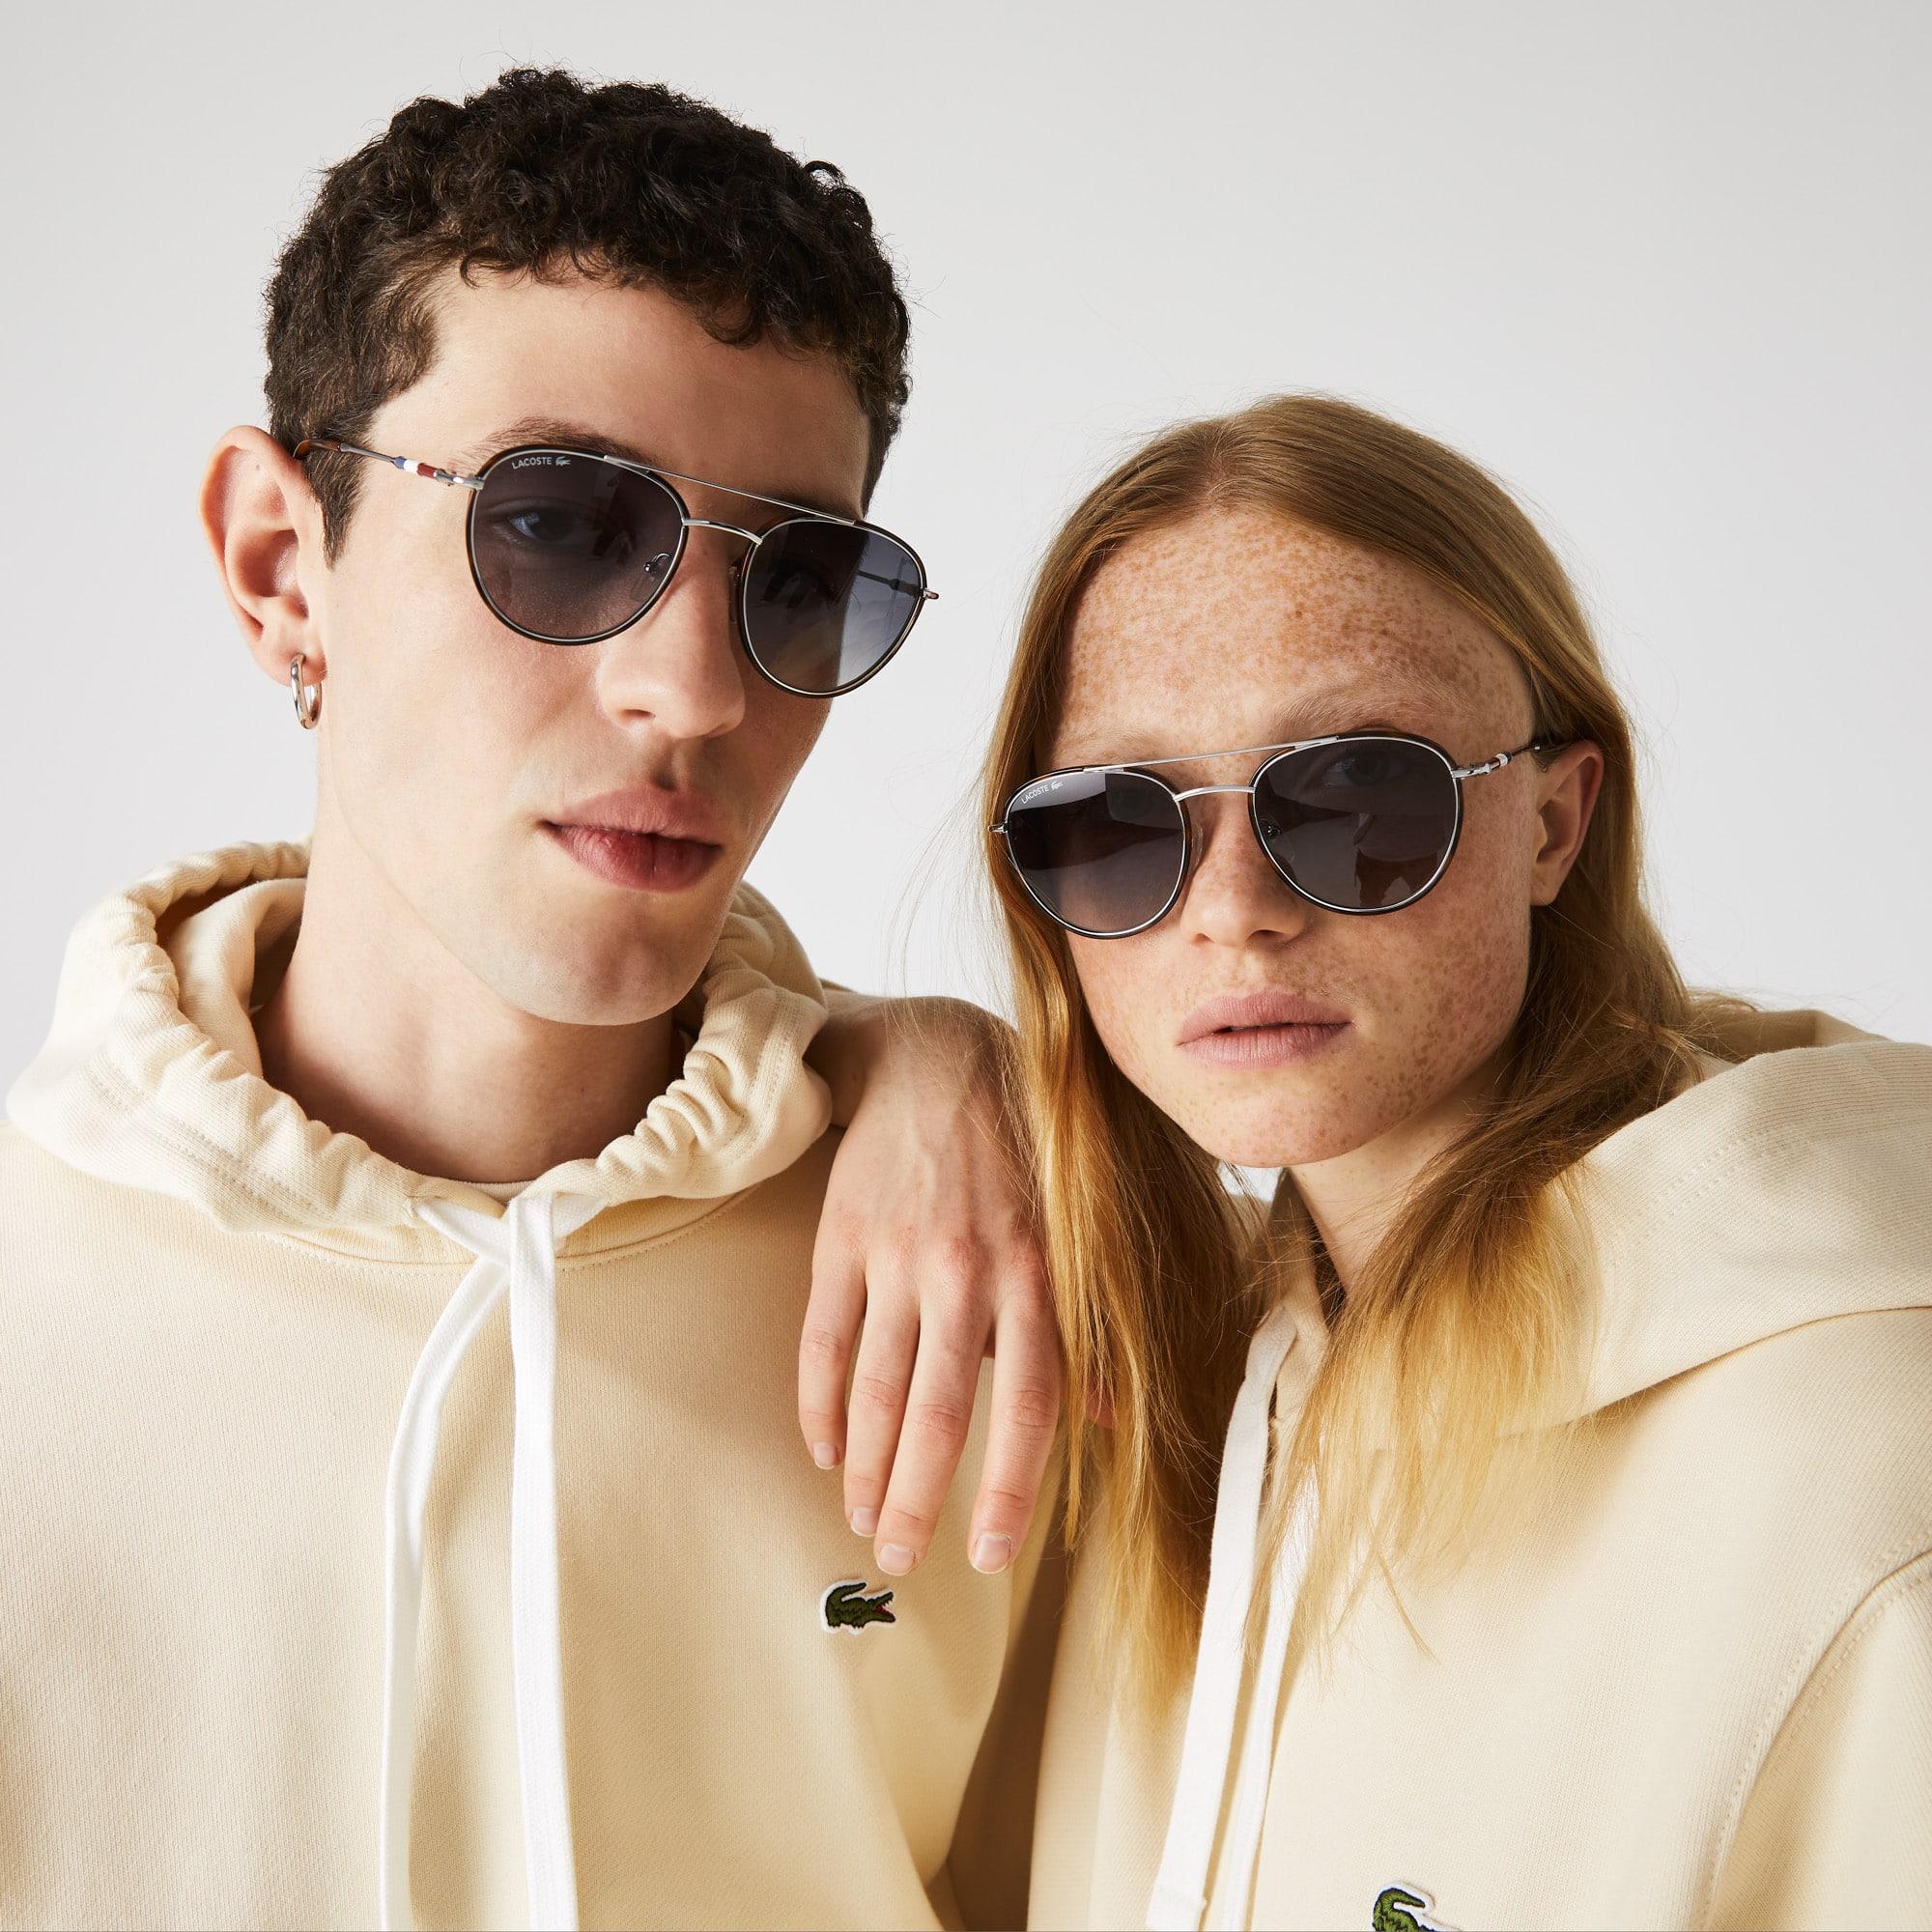 라코스테 '노박 조코비치 컬렉션' 선글라스 Lacoste Oval Metal Novak Djokovic Collection Sunglasses